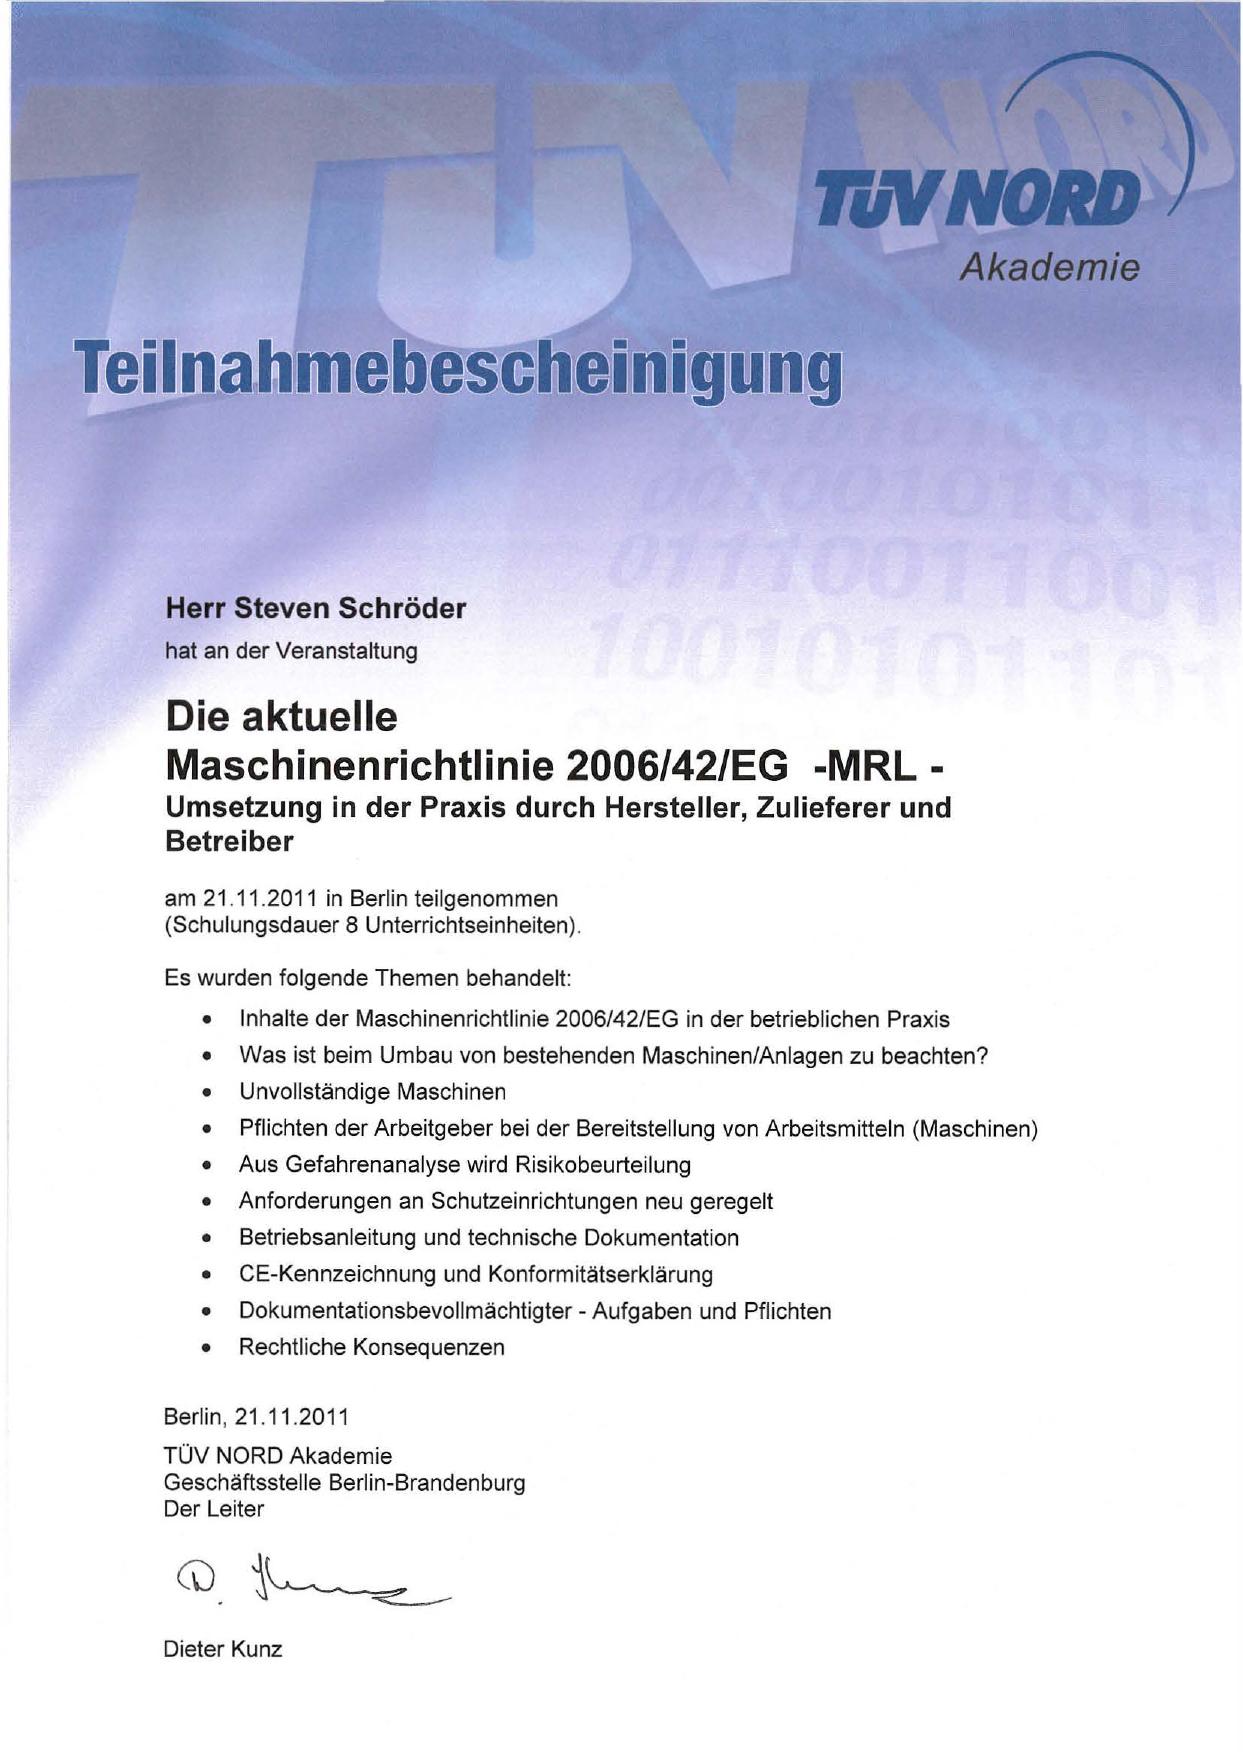 Pdf maschinenrichtlinie 2006/42/eg